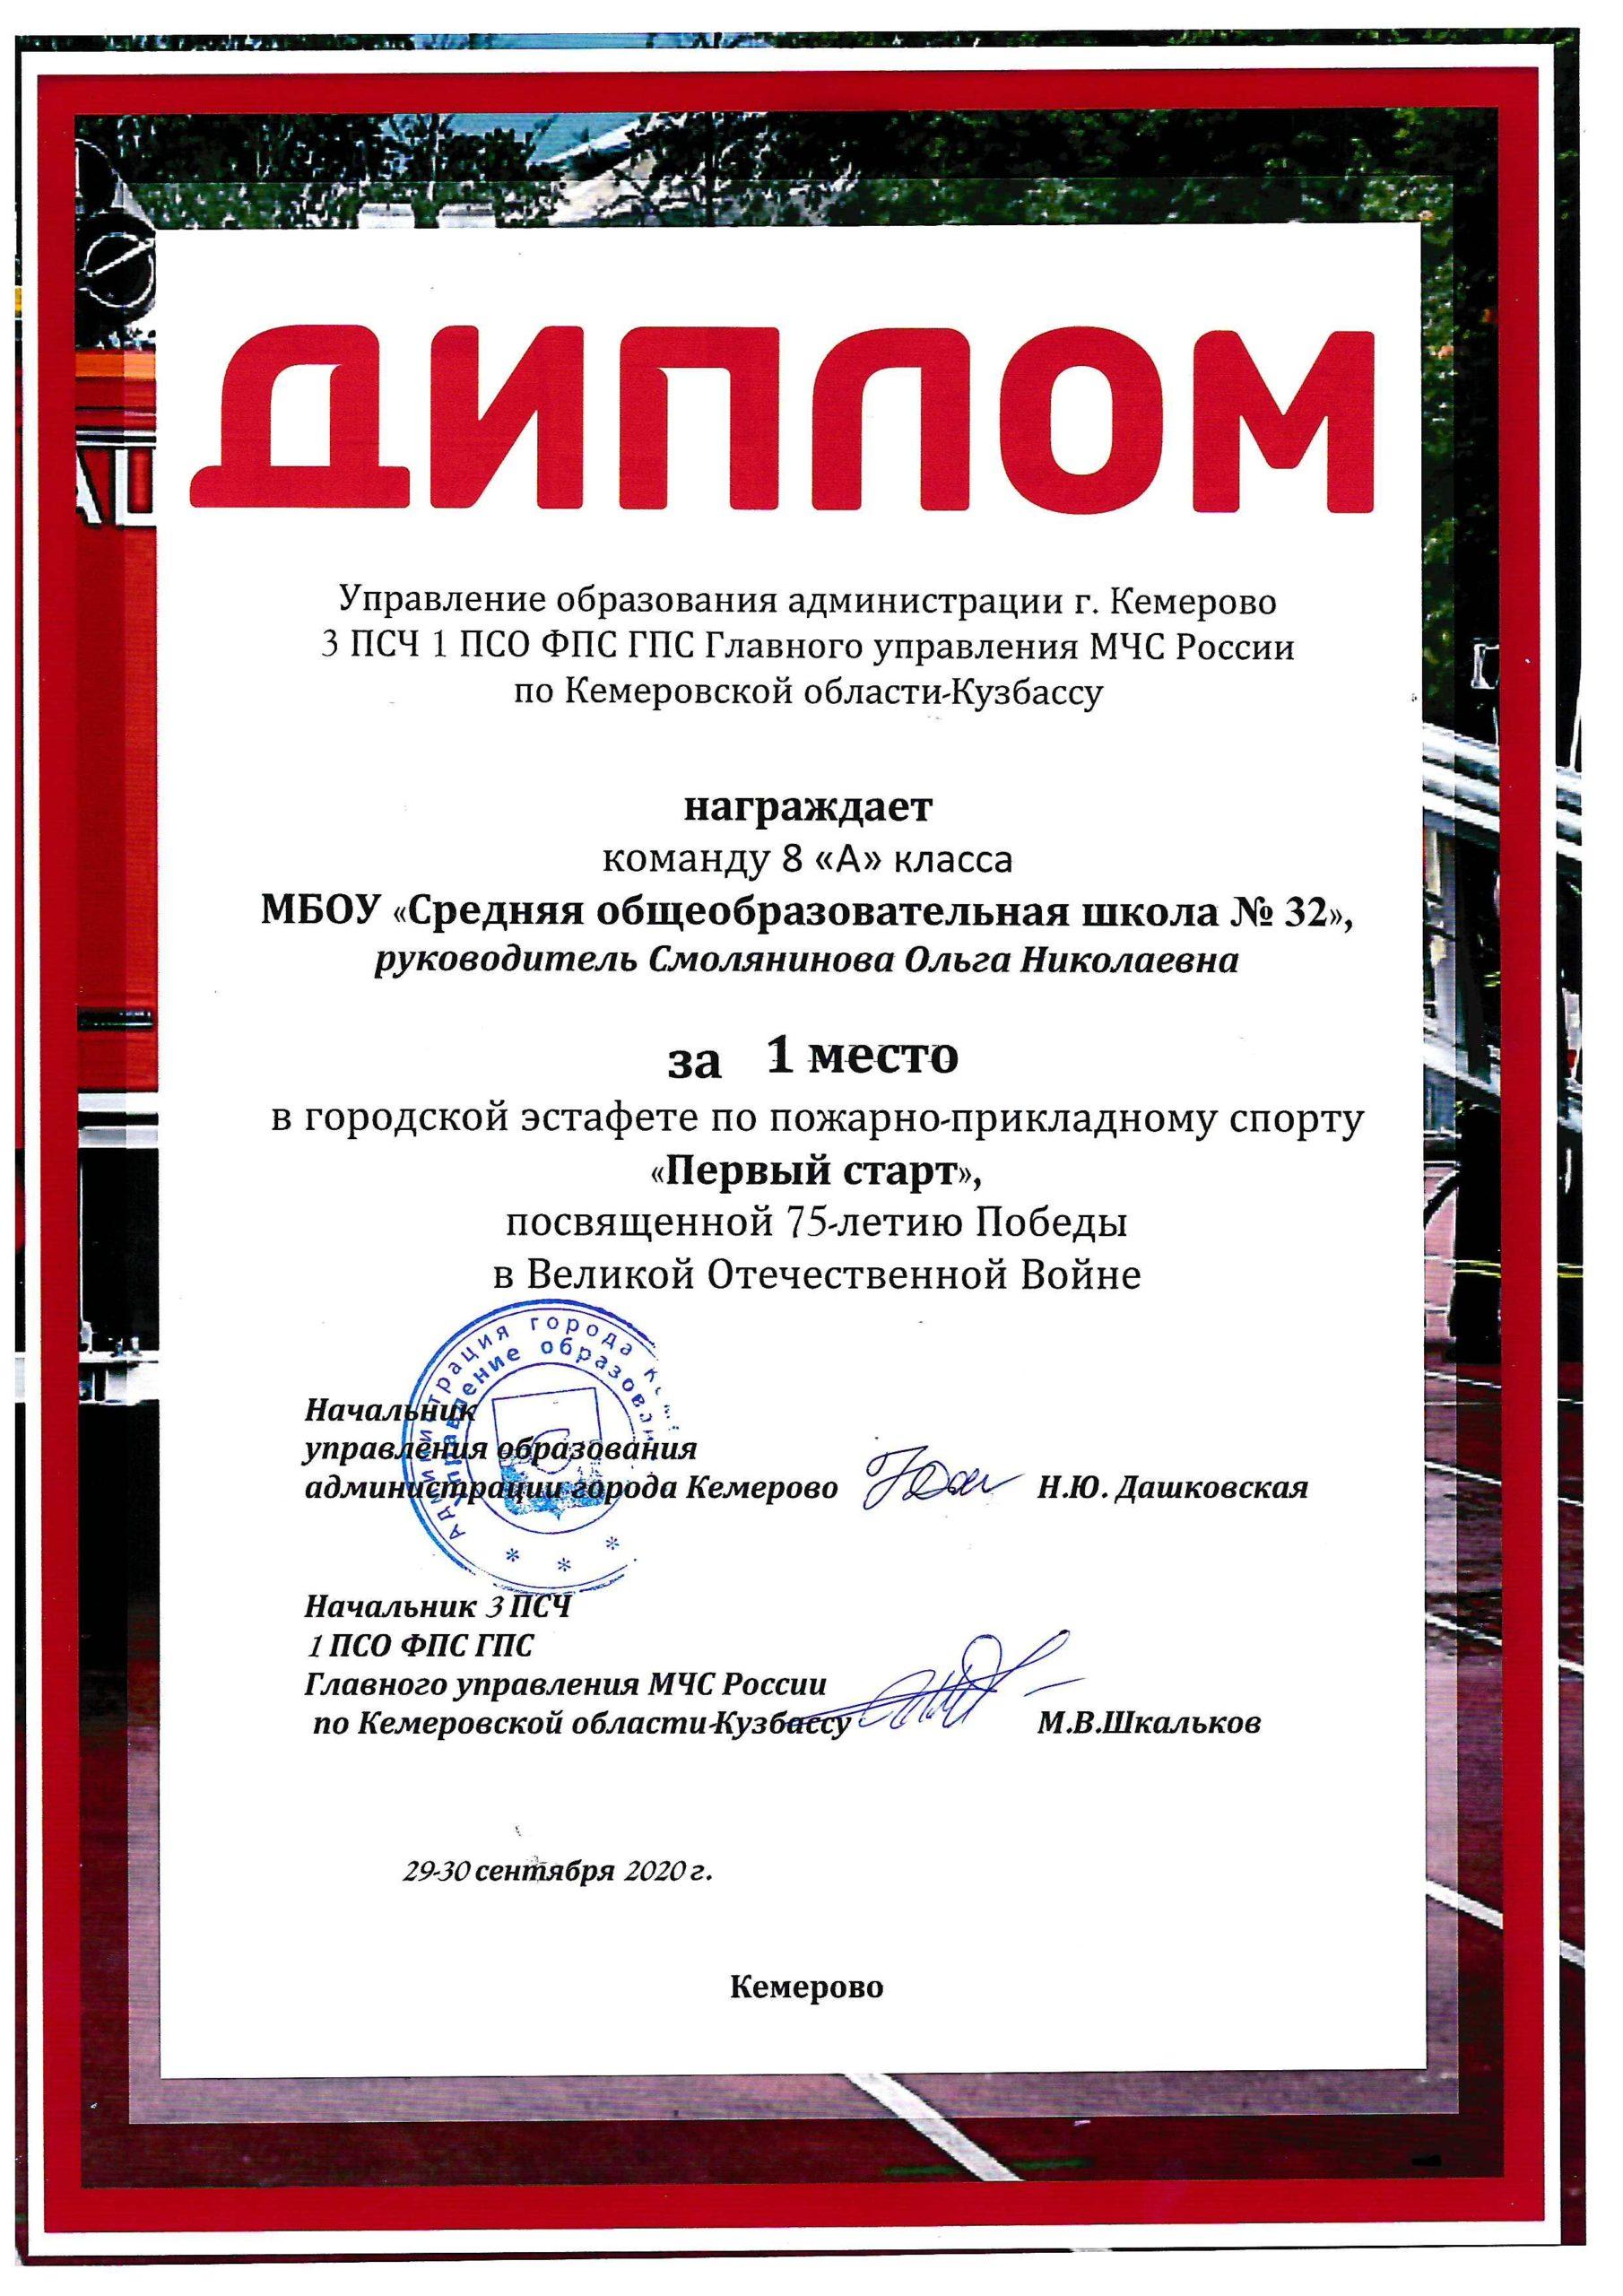 Дипломы ППС — 0022